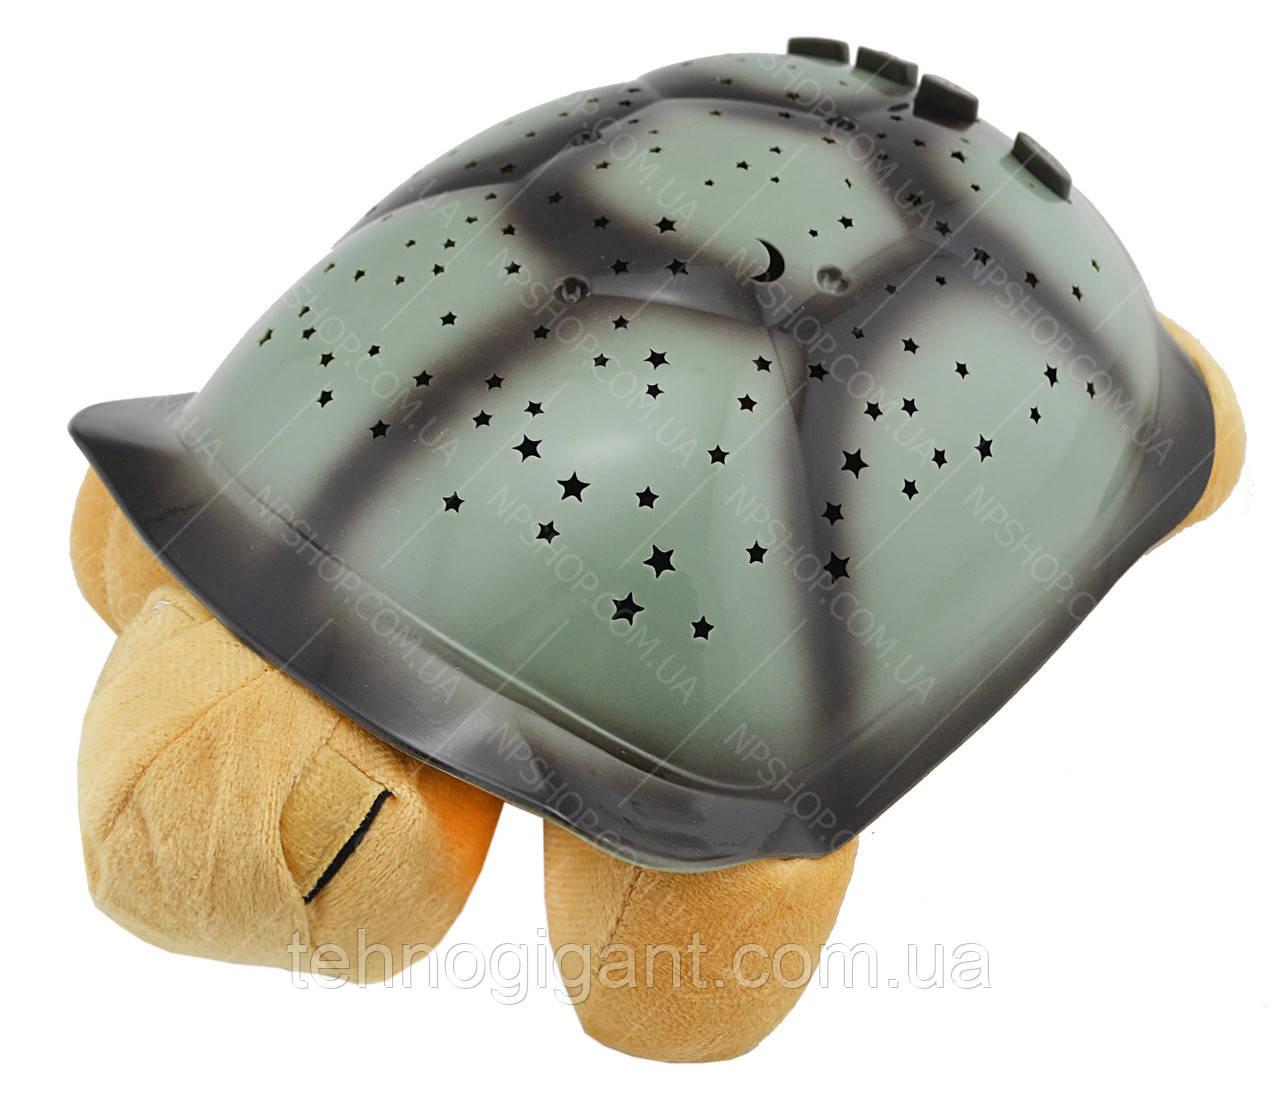 """Ночник детский """"музыкальная черепаха"""" проектор звездного неба персиковый"""